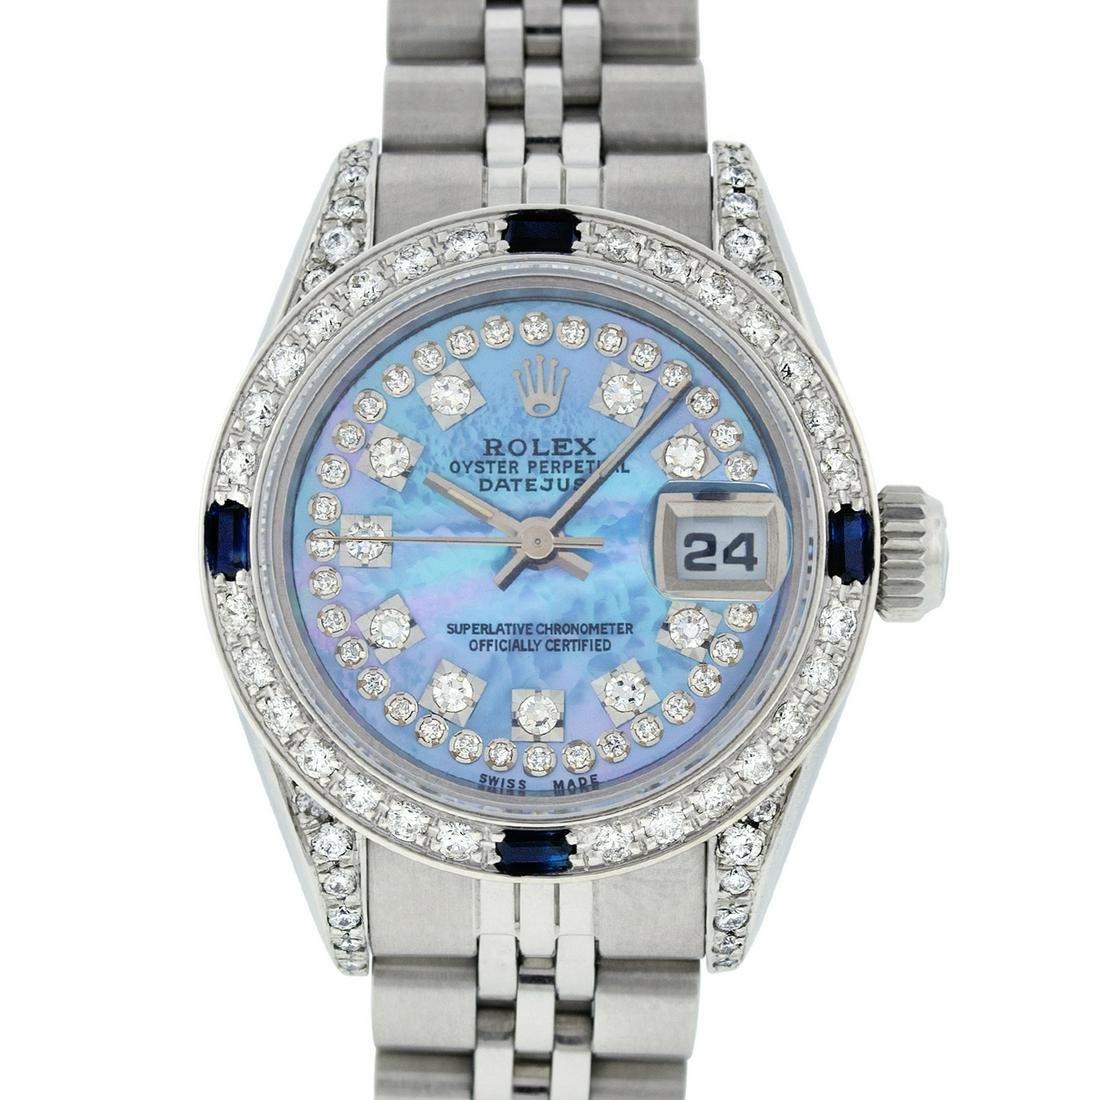 Rolex Ladies Datejust Watch SS & 18K White Gold Blue